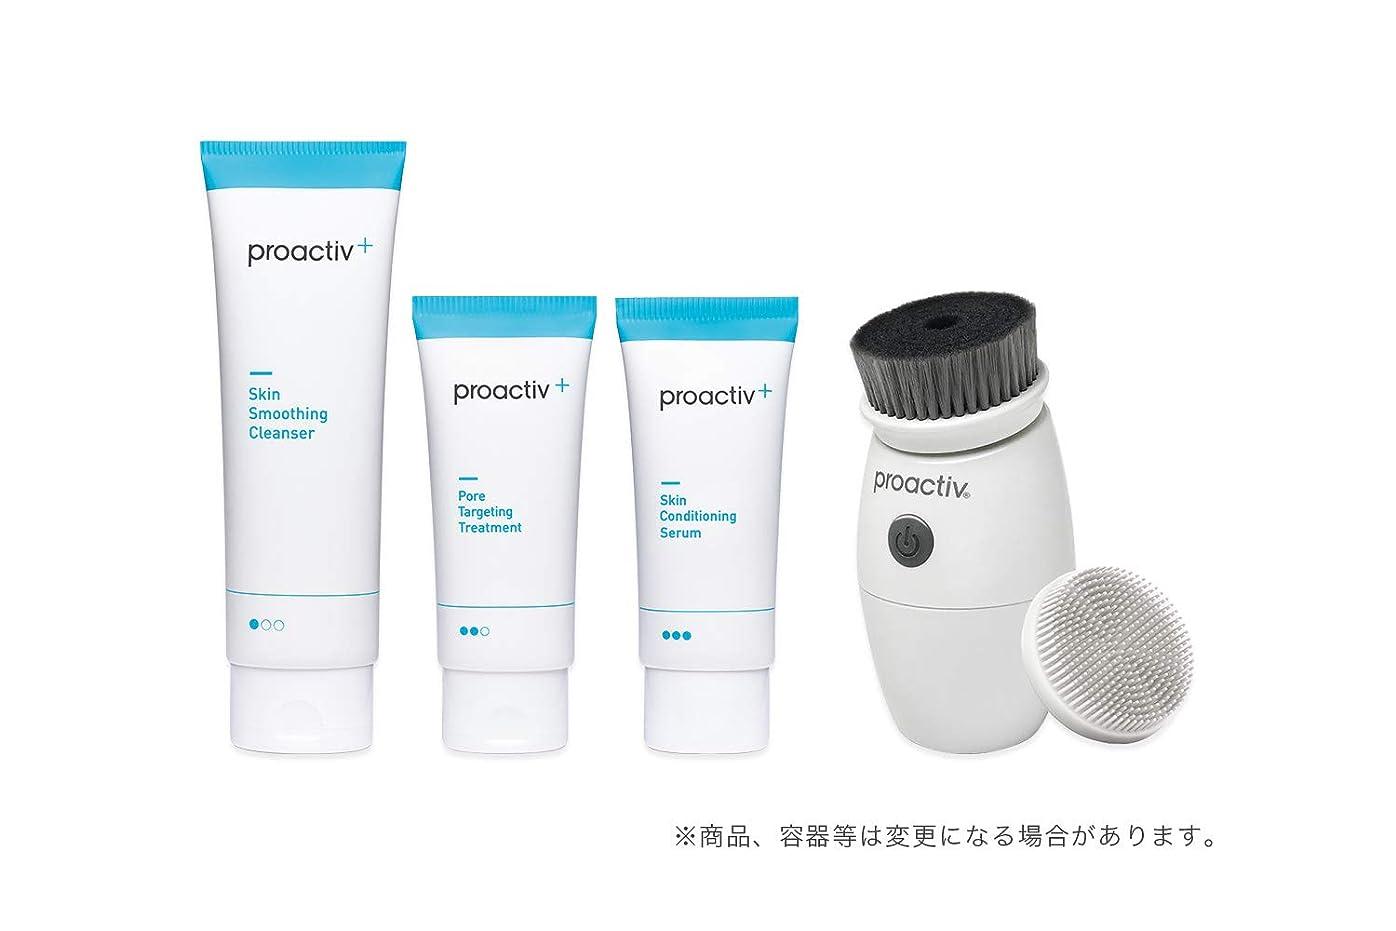 宣言するペルー進化するプロアクティブ+ Proactiv+ 薬用3ステップセット (60日セット) ポアクレンジング電動洗顔ブラシ(シリコンブラシ付) プレゼント 公式ガイド付